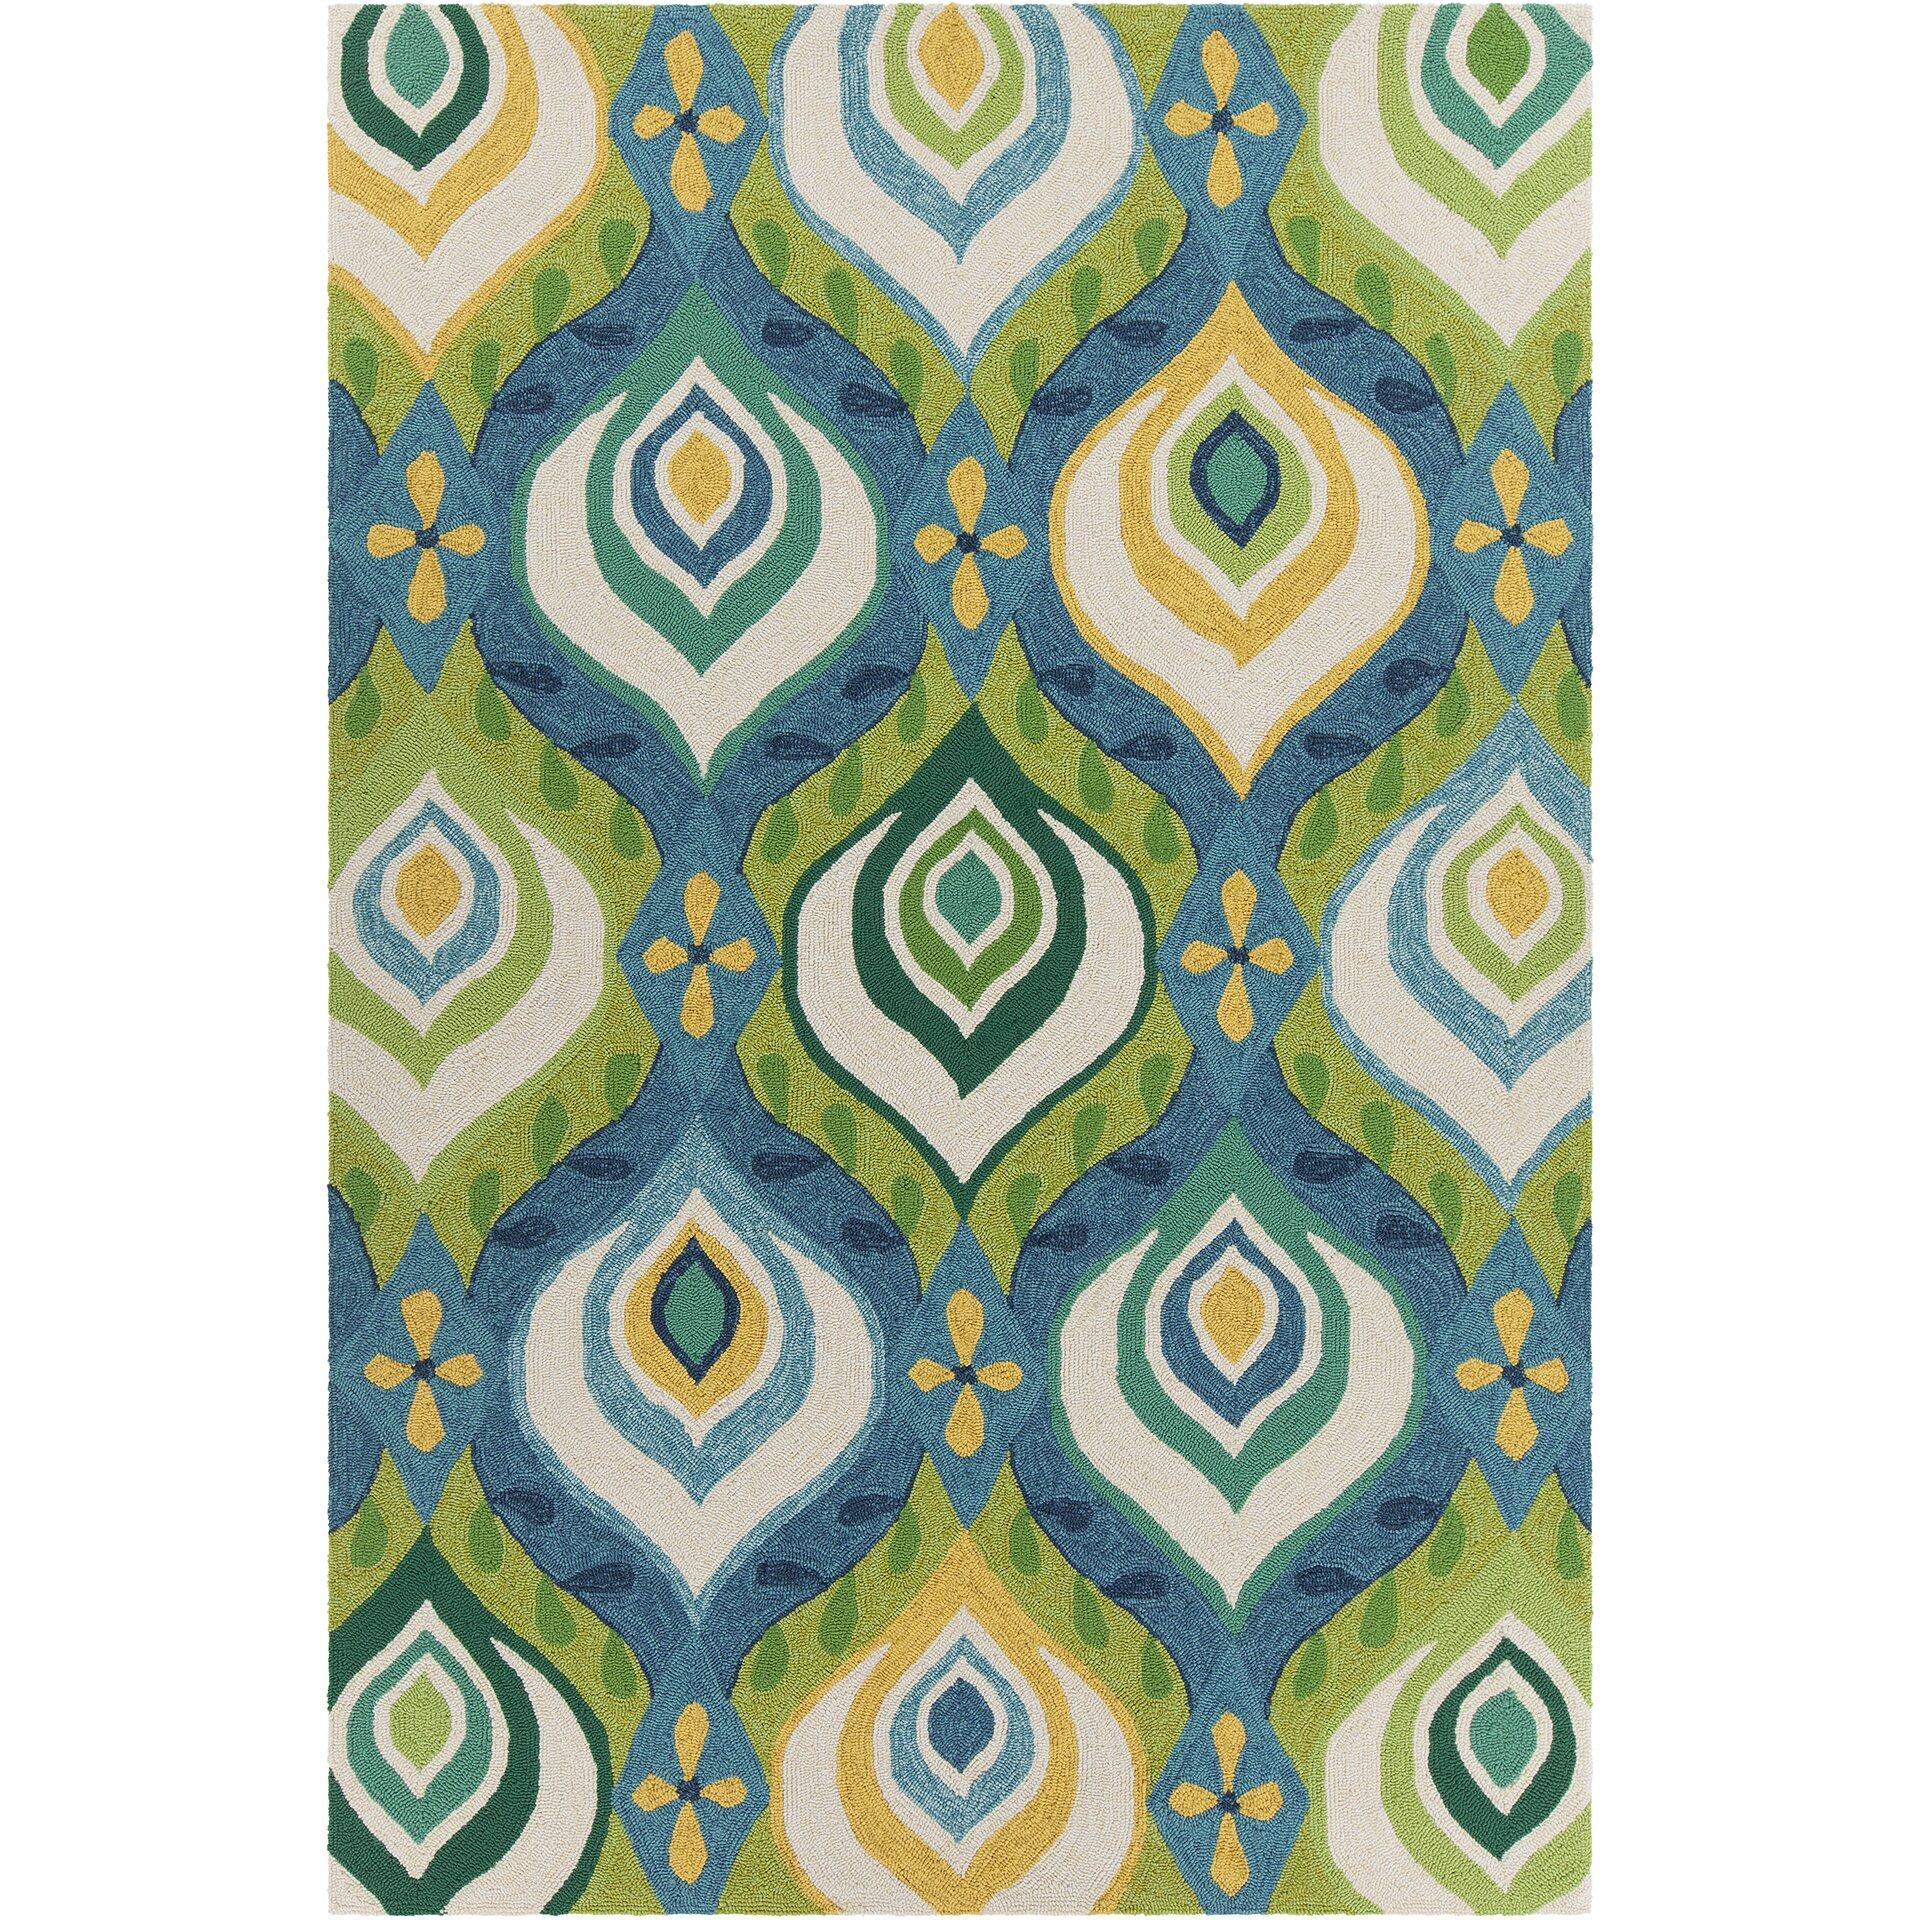 Terra Patterned Green & Blue Indoor/Outdoor Area Rug